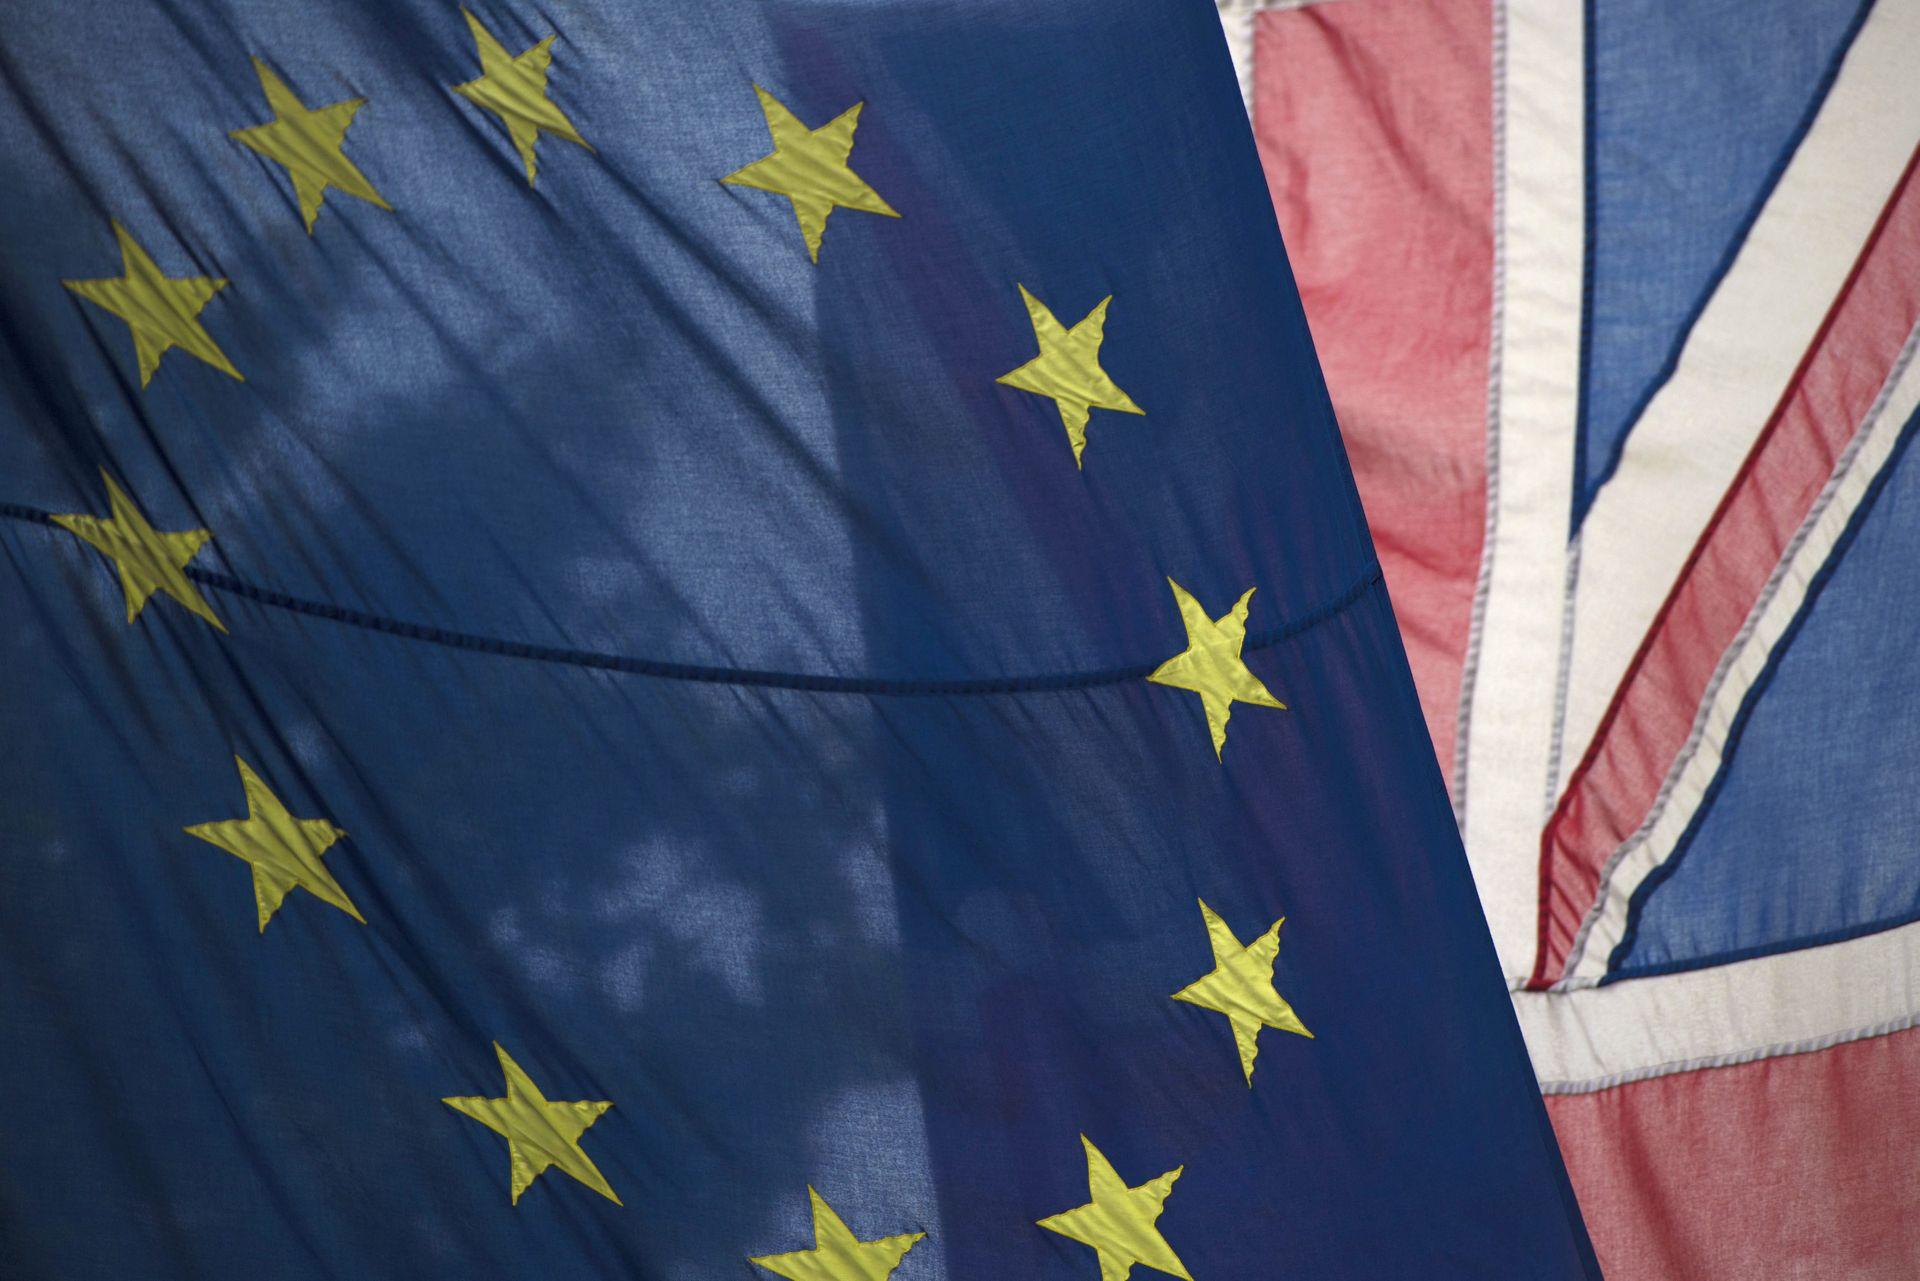 JAVNO MIŠLJENJE: Kampanja za Brexit vodi s razlikom od jednog postotnog boda